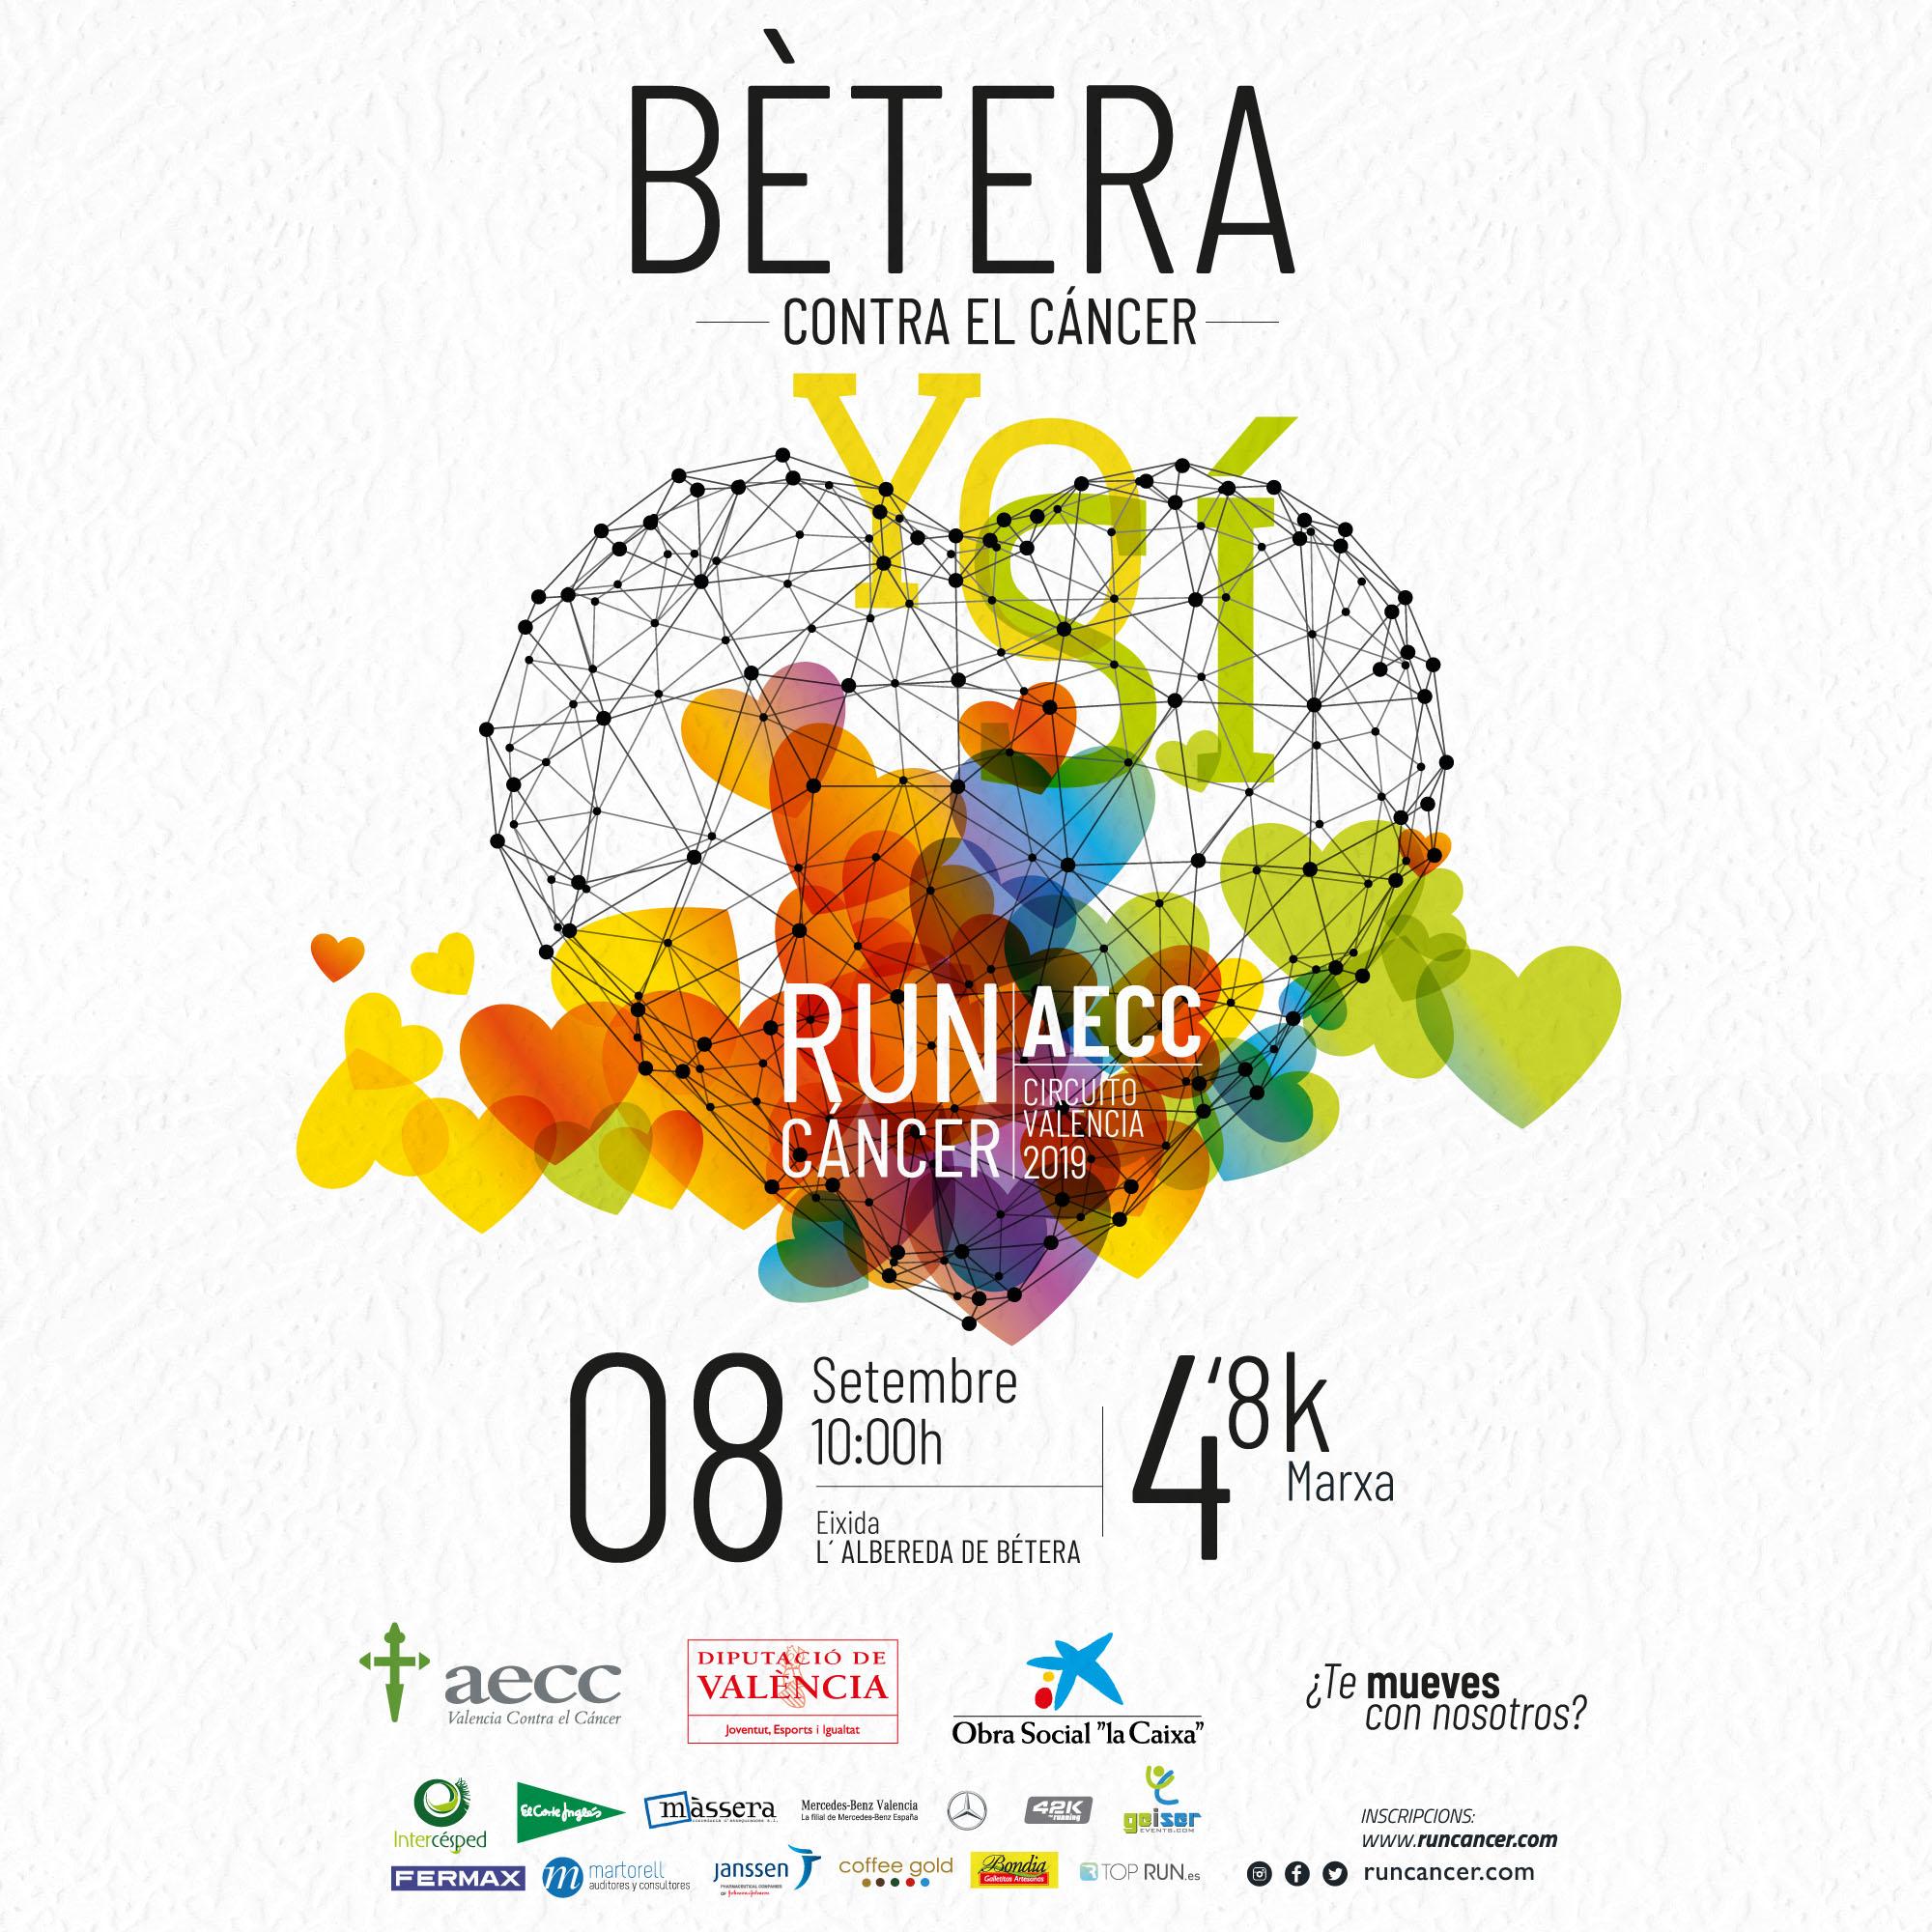 Calendario Valencia 2019.Calendario 2019 Runcancer